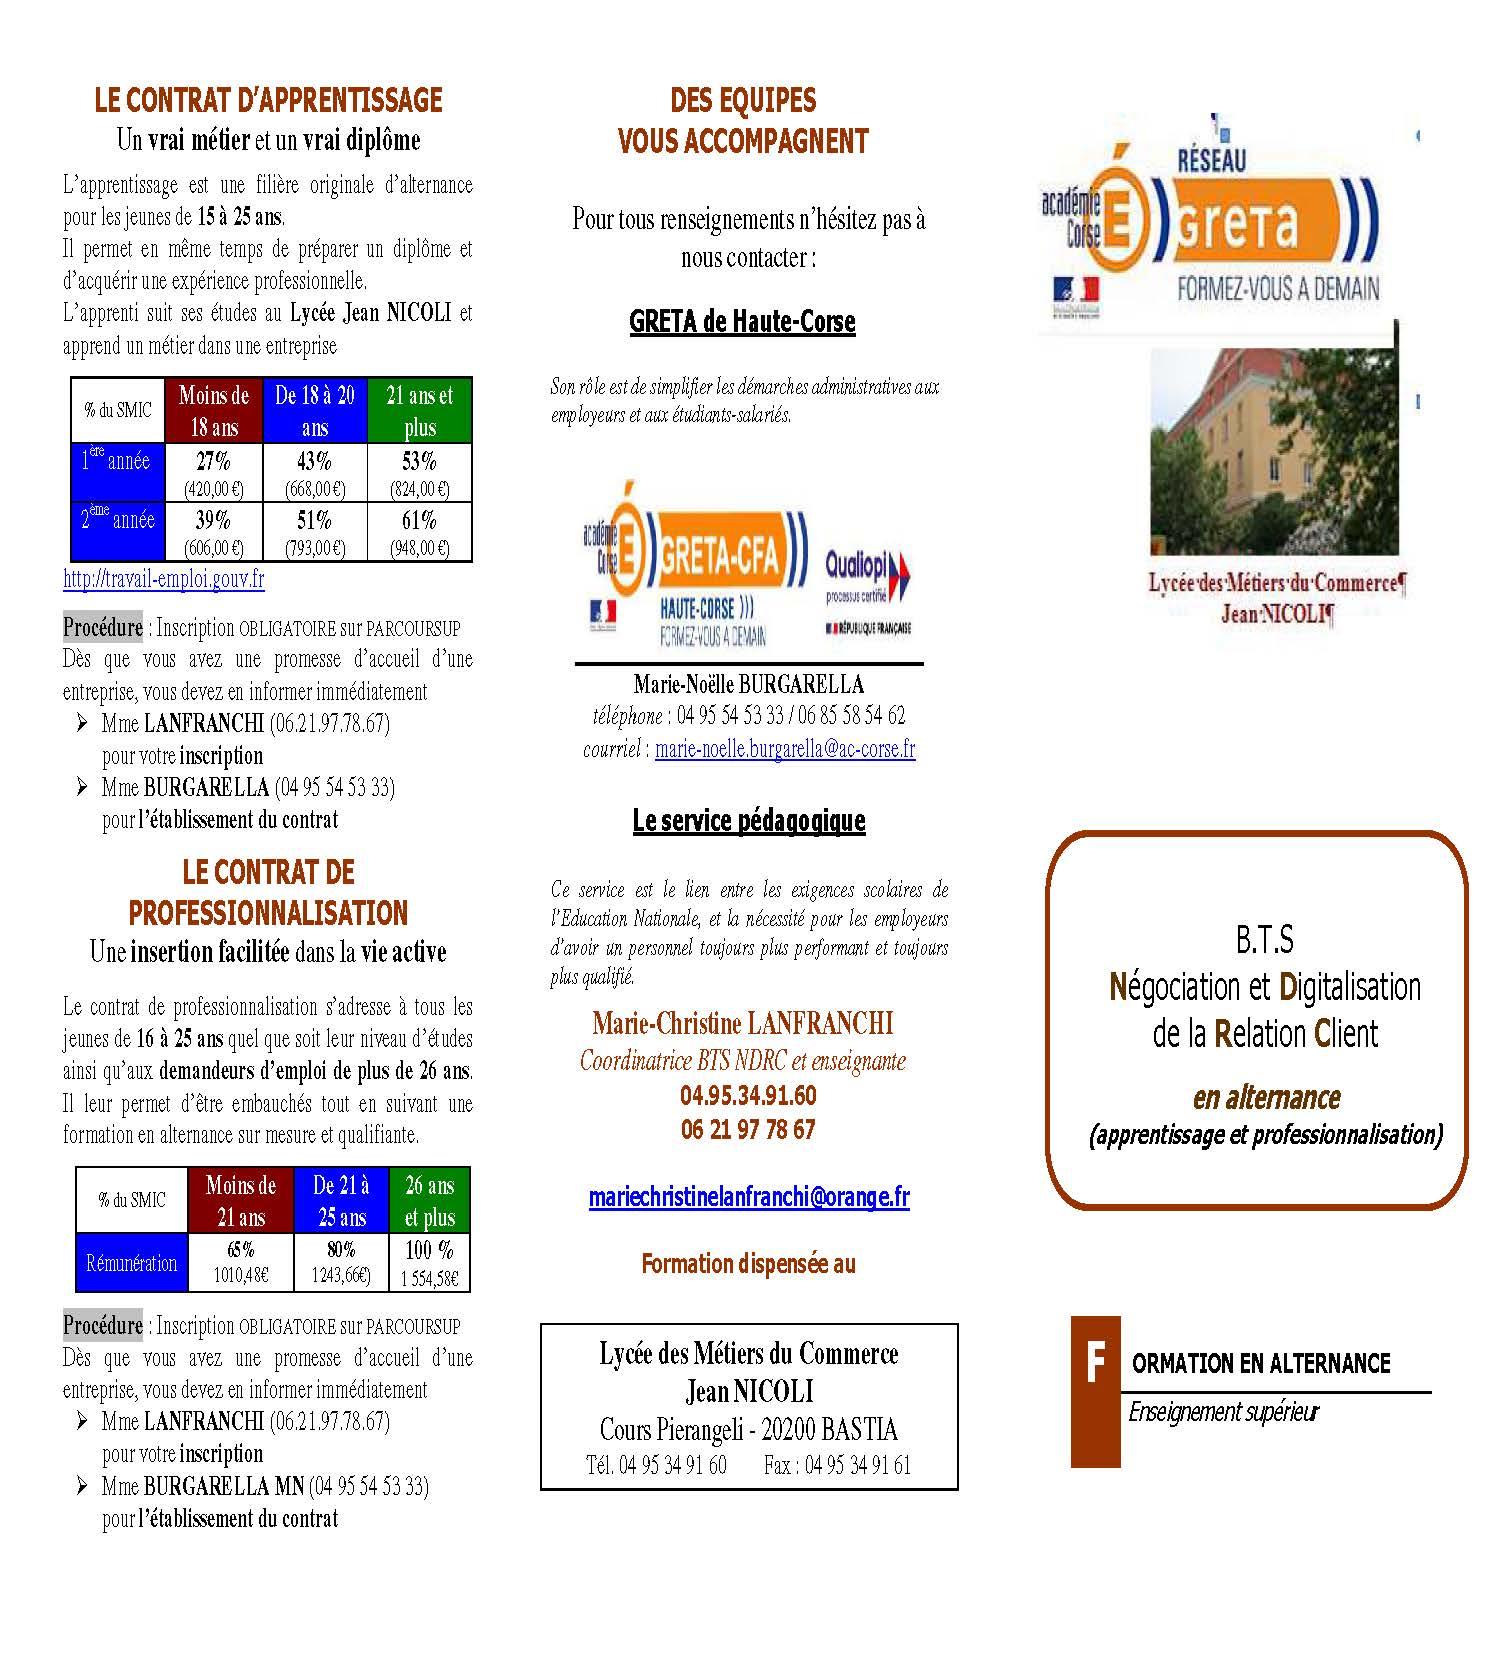 BTS NDRC : formation en apprentissage